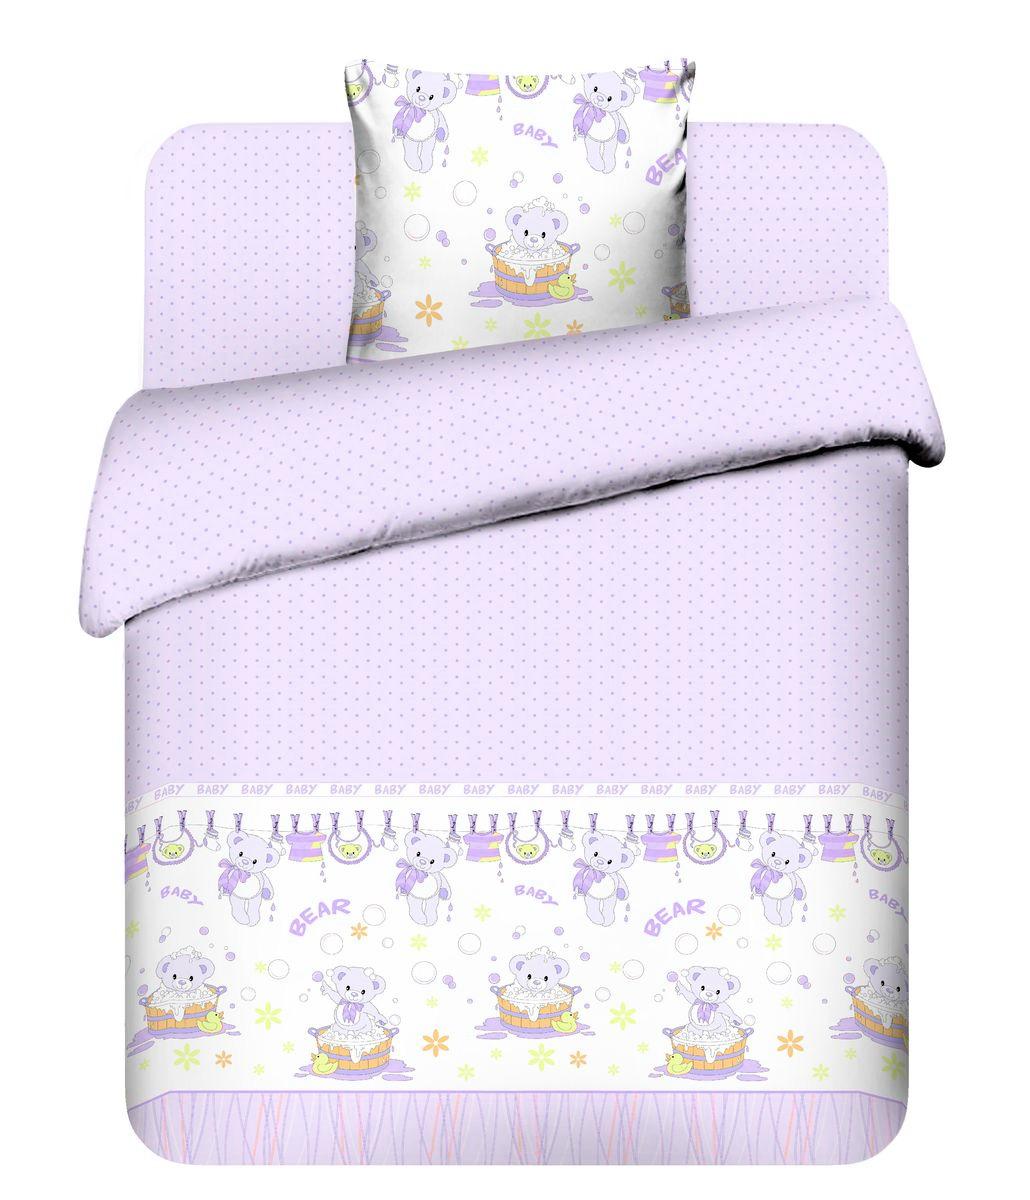 Детское постельное белье Василек Плюшевые мишки (ясельный спальный КПБ, хлопок, наволочка 40х60), цвет: розовый